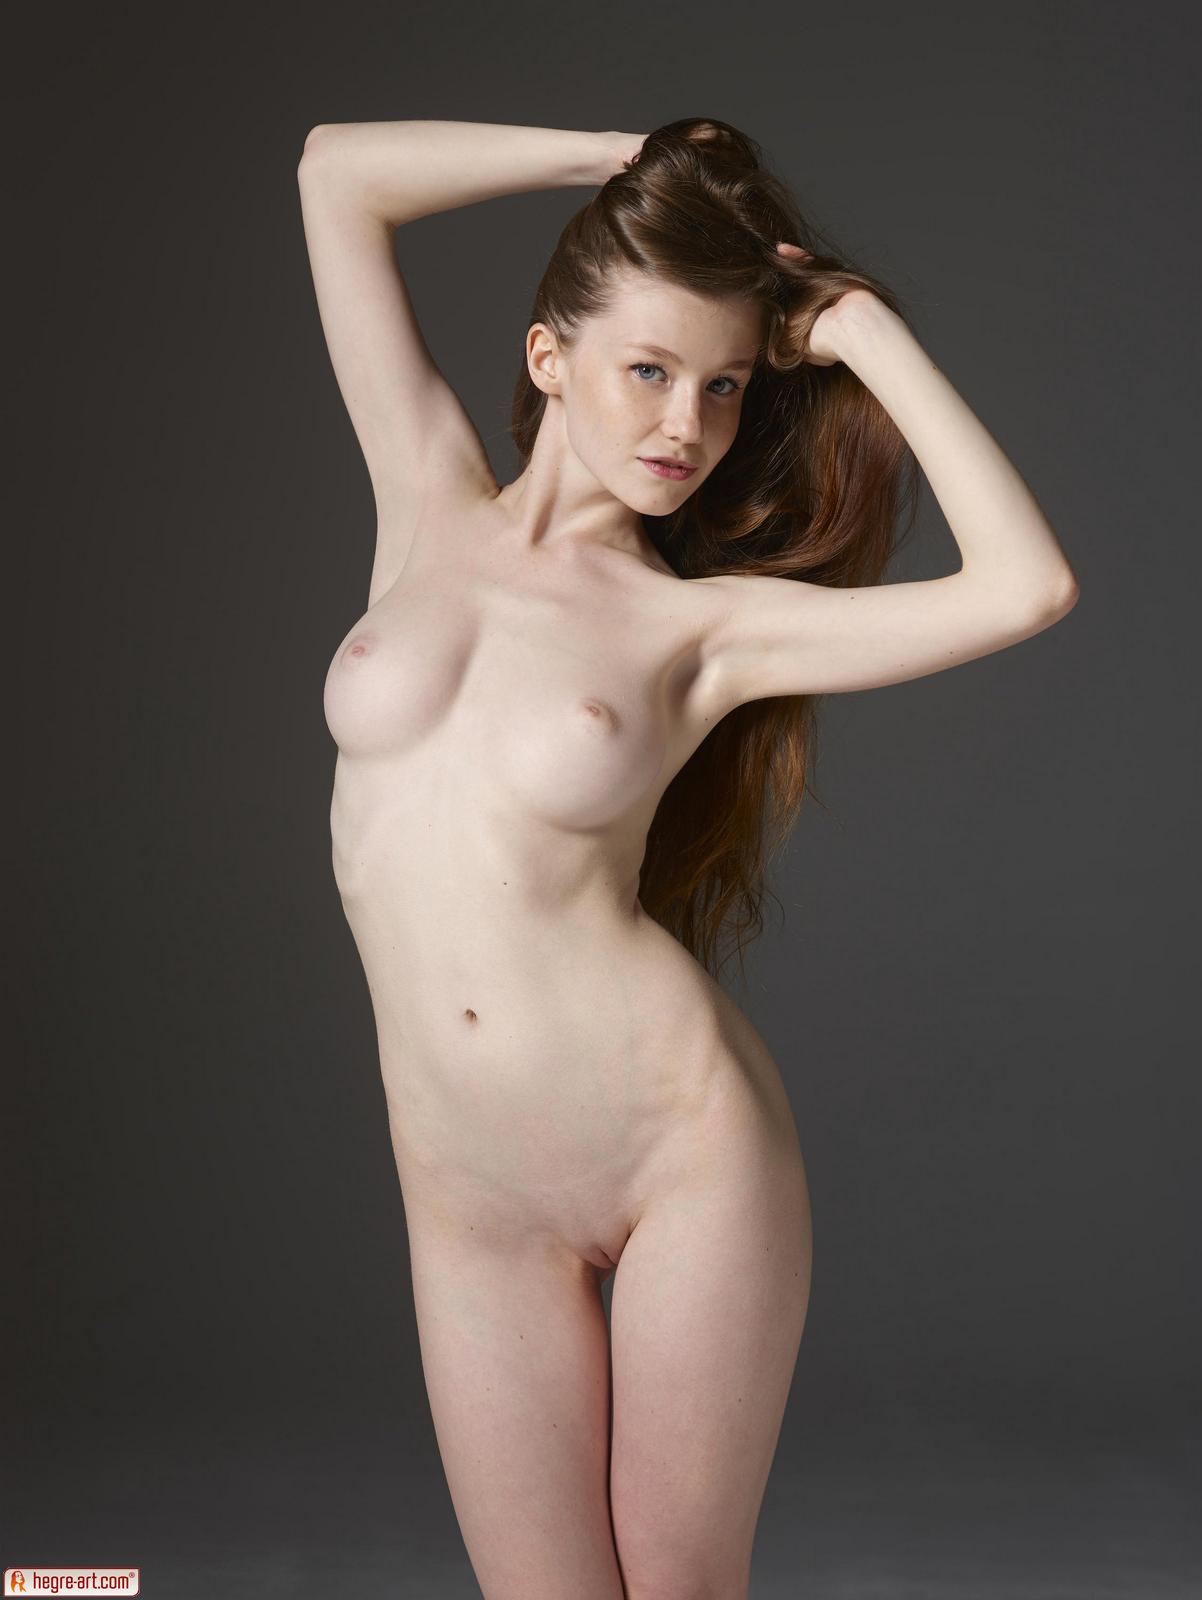 Zdjęcie porno - 0813 - Jędrna nastolatka